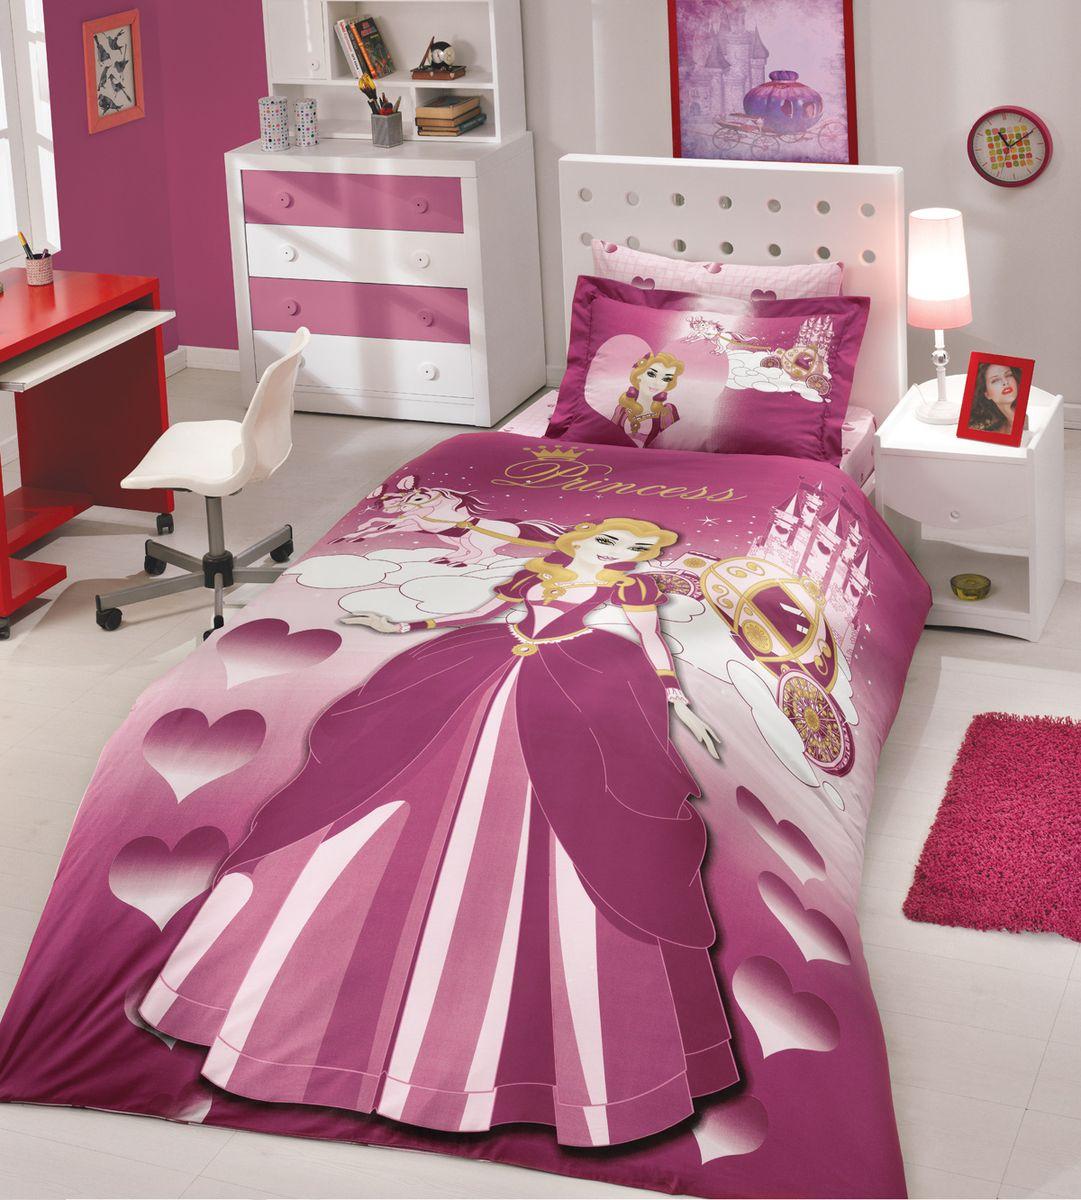 Комплект белья Hobby Home Collection Lady, 1,5-спальный, наволочка 50х70, цвет: бордовый1501000128Комплект постельного белья Hobby Home Collection изготовлен из высококачественного поплина. Поплин - это ткань, изготавливаемая традиционным полотняным плетением из 100% хлопка, но из нитей разного калибра, за счет чего полотно получается с легким рубчиковым рельефом. По многим характеристикам ткань похожа на бязь, но на ощупь гораздо приятнее — более гладкая и мягкая. Поплин обладает лучшими свойствами ткани для постельного белья. Он плотный и в то же время мягкий на ощупь, износостойкий, немнущийся, гигроскопичный и неприхотливый в уходе, а после стирки практически не нуждается в глажке. Поплин обладает множеством преимуществ: - белье из него плотное, прочное и износостойкое; - не выцветает и не сминается; - не линяет и не деформируется (при стирке до 40°С); - натуральный хлопок в составе обеспечивает абсолютную гигиеничность постельного белья; - поплин хорошо вентилируется и впитывает влагу, отводя ее излишки от тела. По легенде этот материал впервые произвели во французской резиденции Папы Римского, городе Авиньон. За это ткань назвали поплином, что означает папский. С тех пор, вслед за Европой, полотно покорило весь мир, и на сегодня это самый востребованный материал для постельного белья. Постельное белье имеет 3D рисунок. Это объемный рисунок, который позволяет увидеть изображение более реальным, живым. 3D печать на постельном белье невозможна простым способом. Для достижения высокого качества применяется Digital textile printing (англ. Digital textile printing - прямая цифровая печать по текстилю) — способ нанесения изображения на ткань, предполагающий прямую реактивную печать. Сам вид такой печати обеспечивает долговечность нанесенного изображения. На ткань, наносится ультрачеткое и яркое 3D изображение, вследствие чего картинка выглядит очень реалистично. Просматриваются даже самые мелкие детали. Постельное белье из поплина способно не только создать идеальные